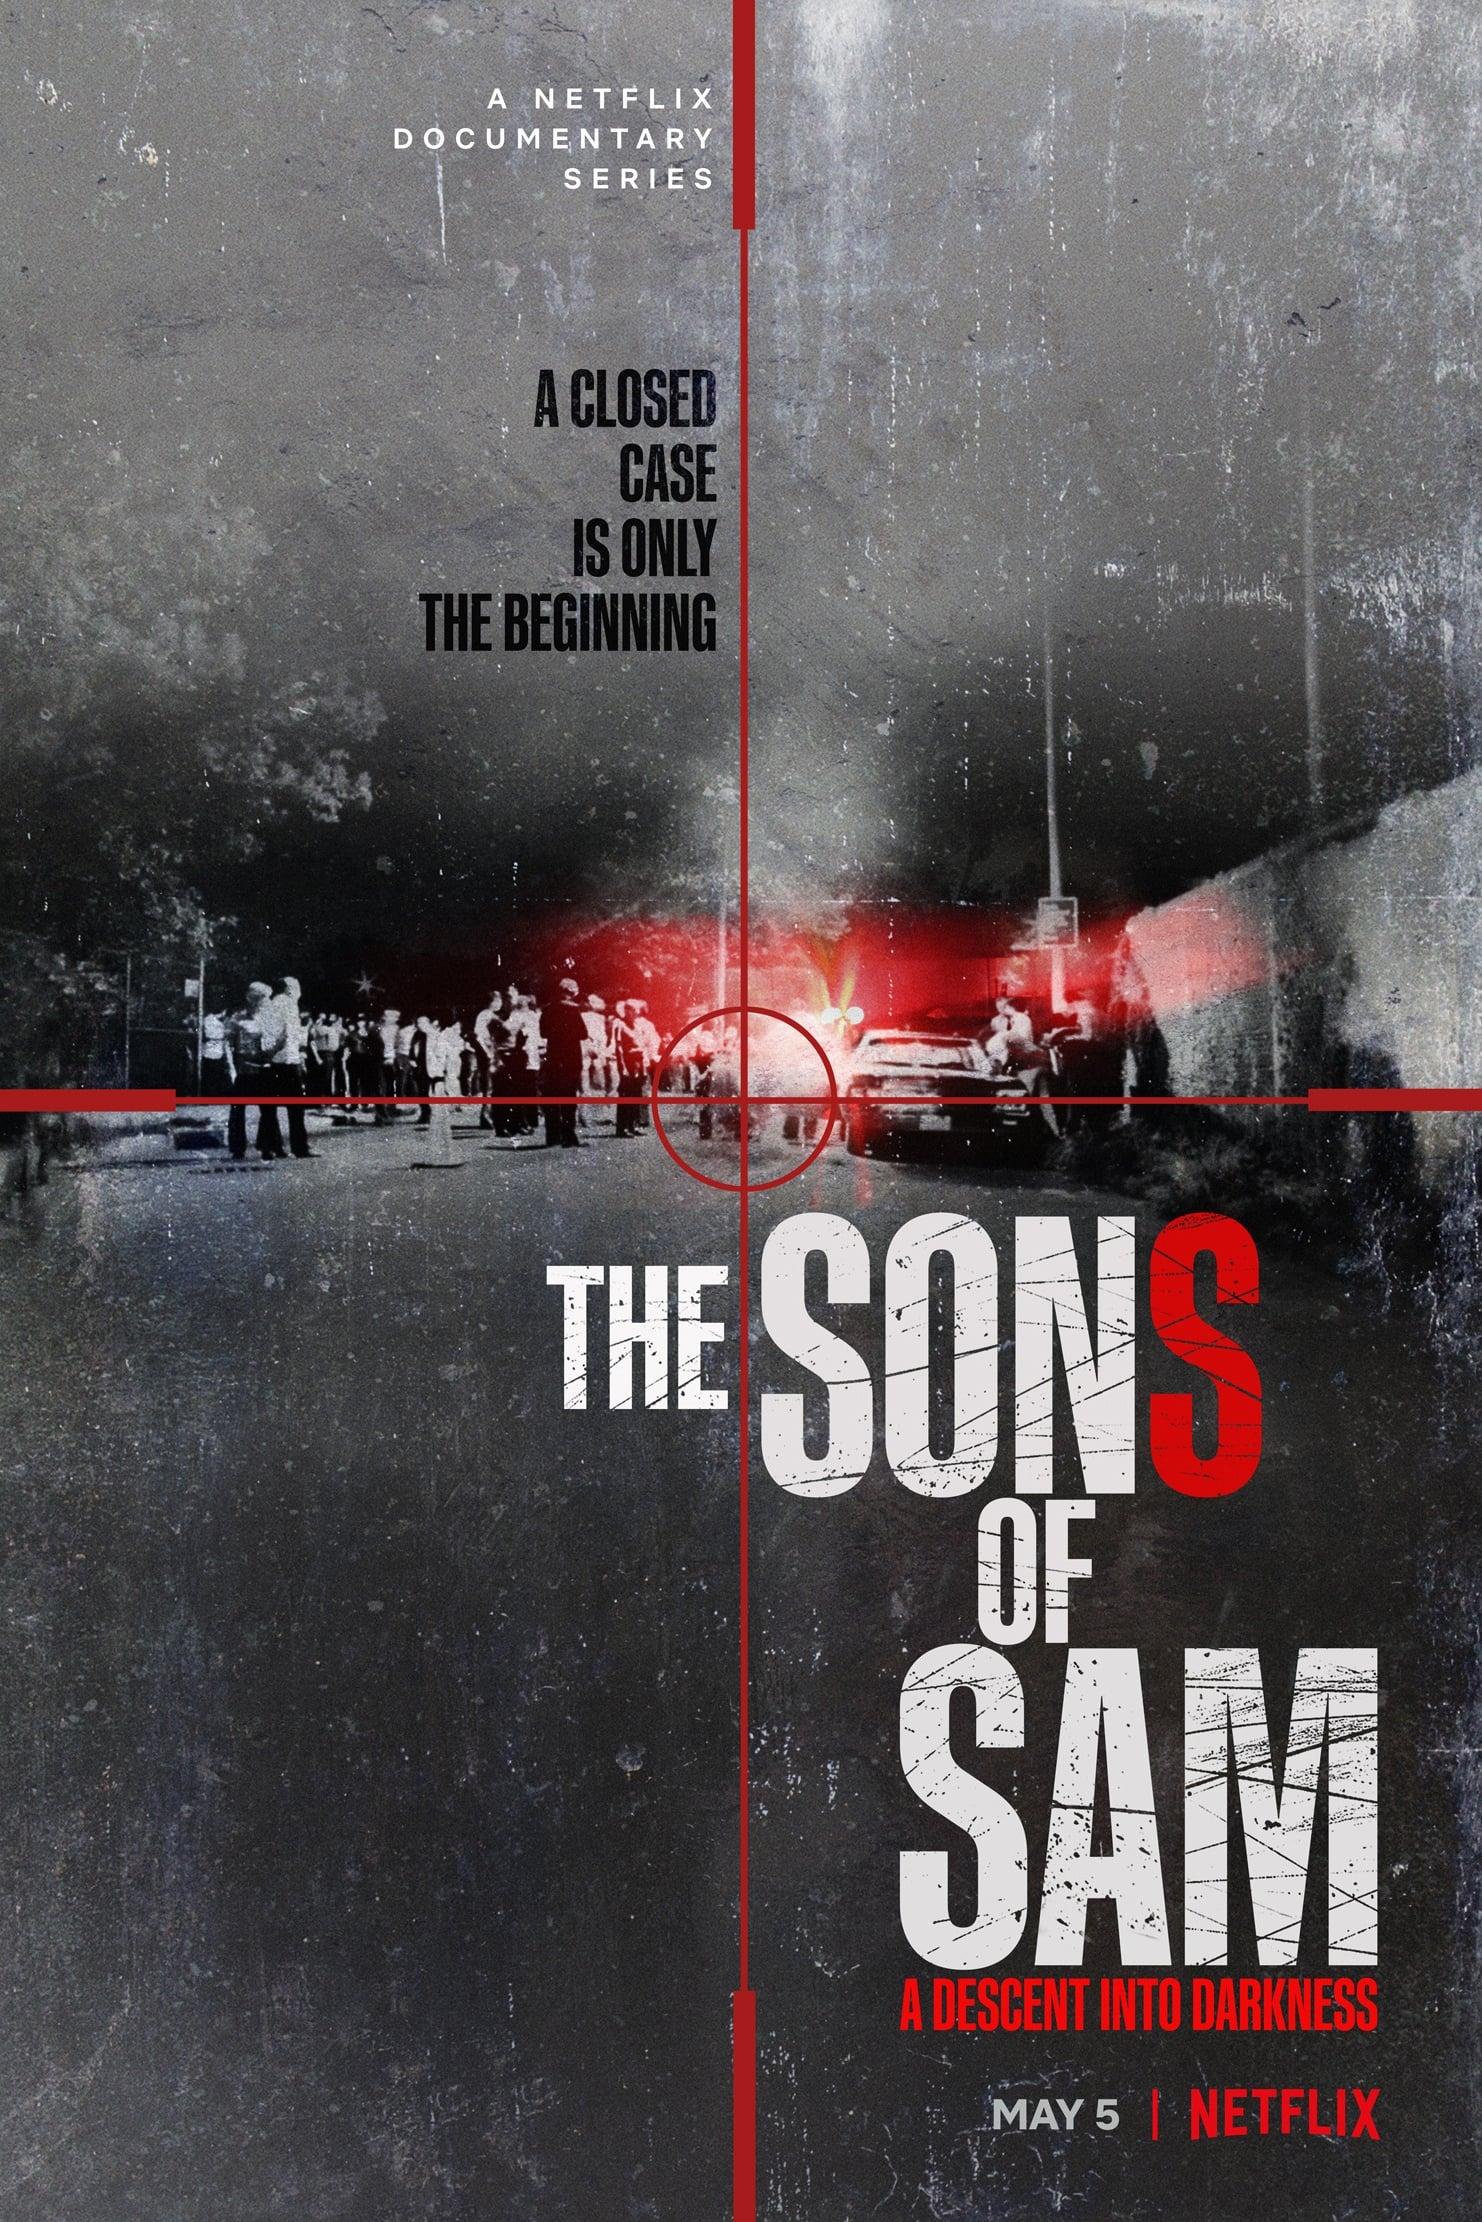 山姆之子:黑暗深渊 The Sons of Sam: A Descent into Darkness (2021)